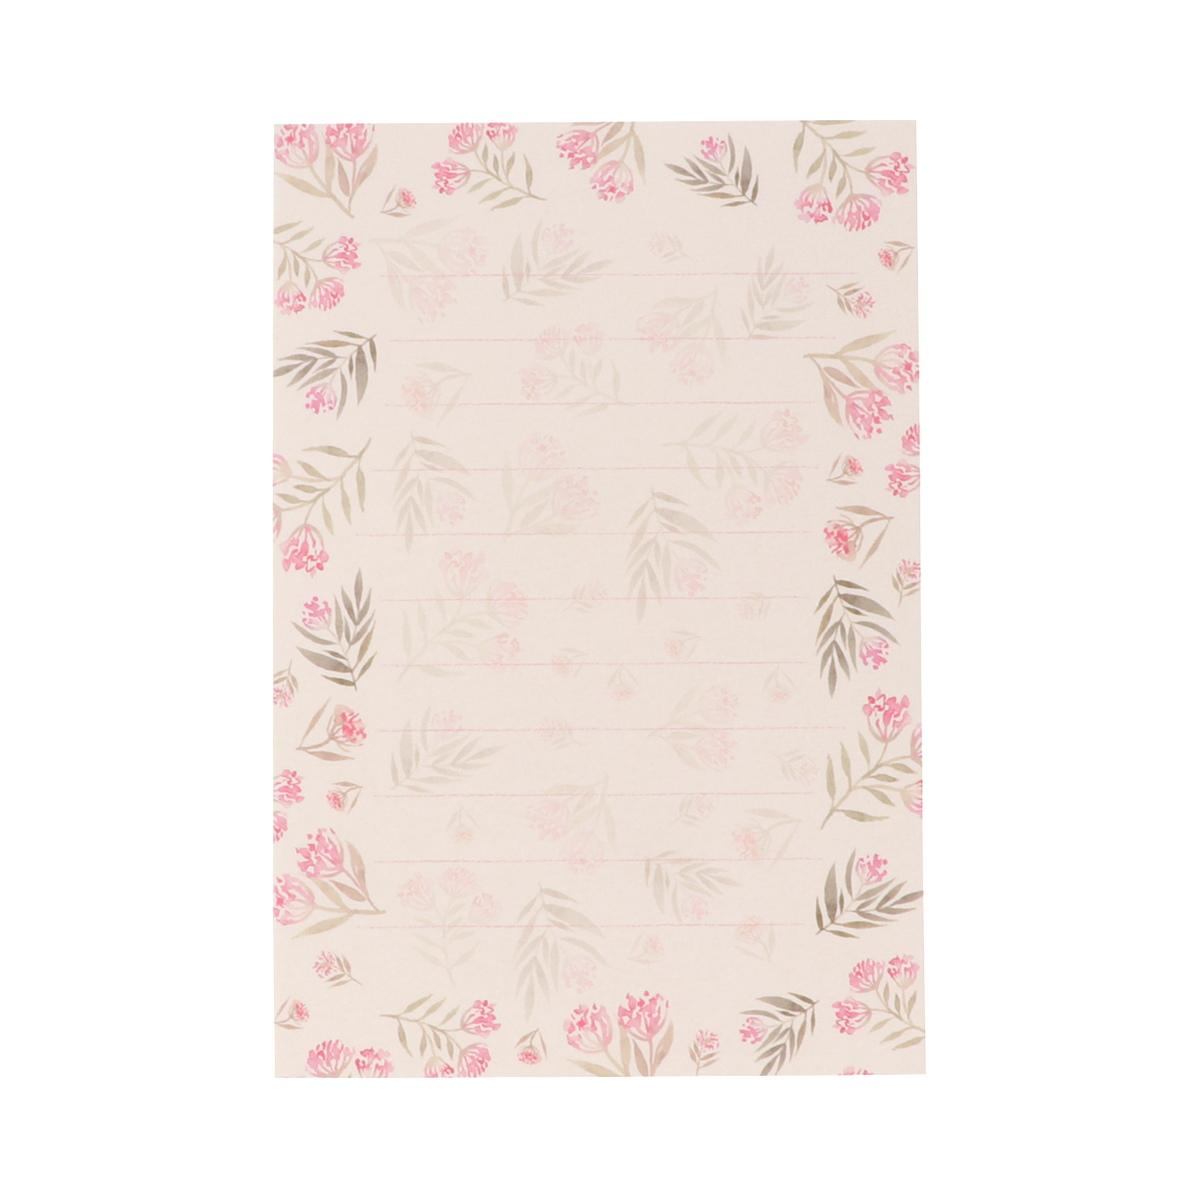 はがき箋 ピンク小花|hgs-412